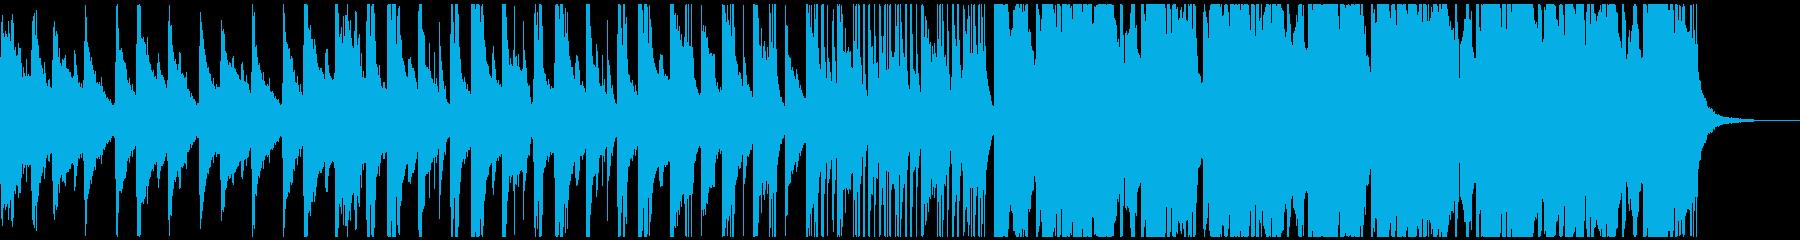 クールな和風のCM向きエレクトロの再生済みの波形